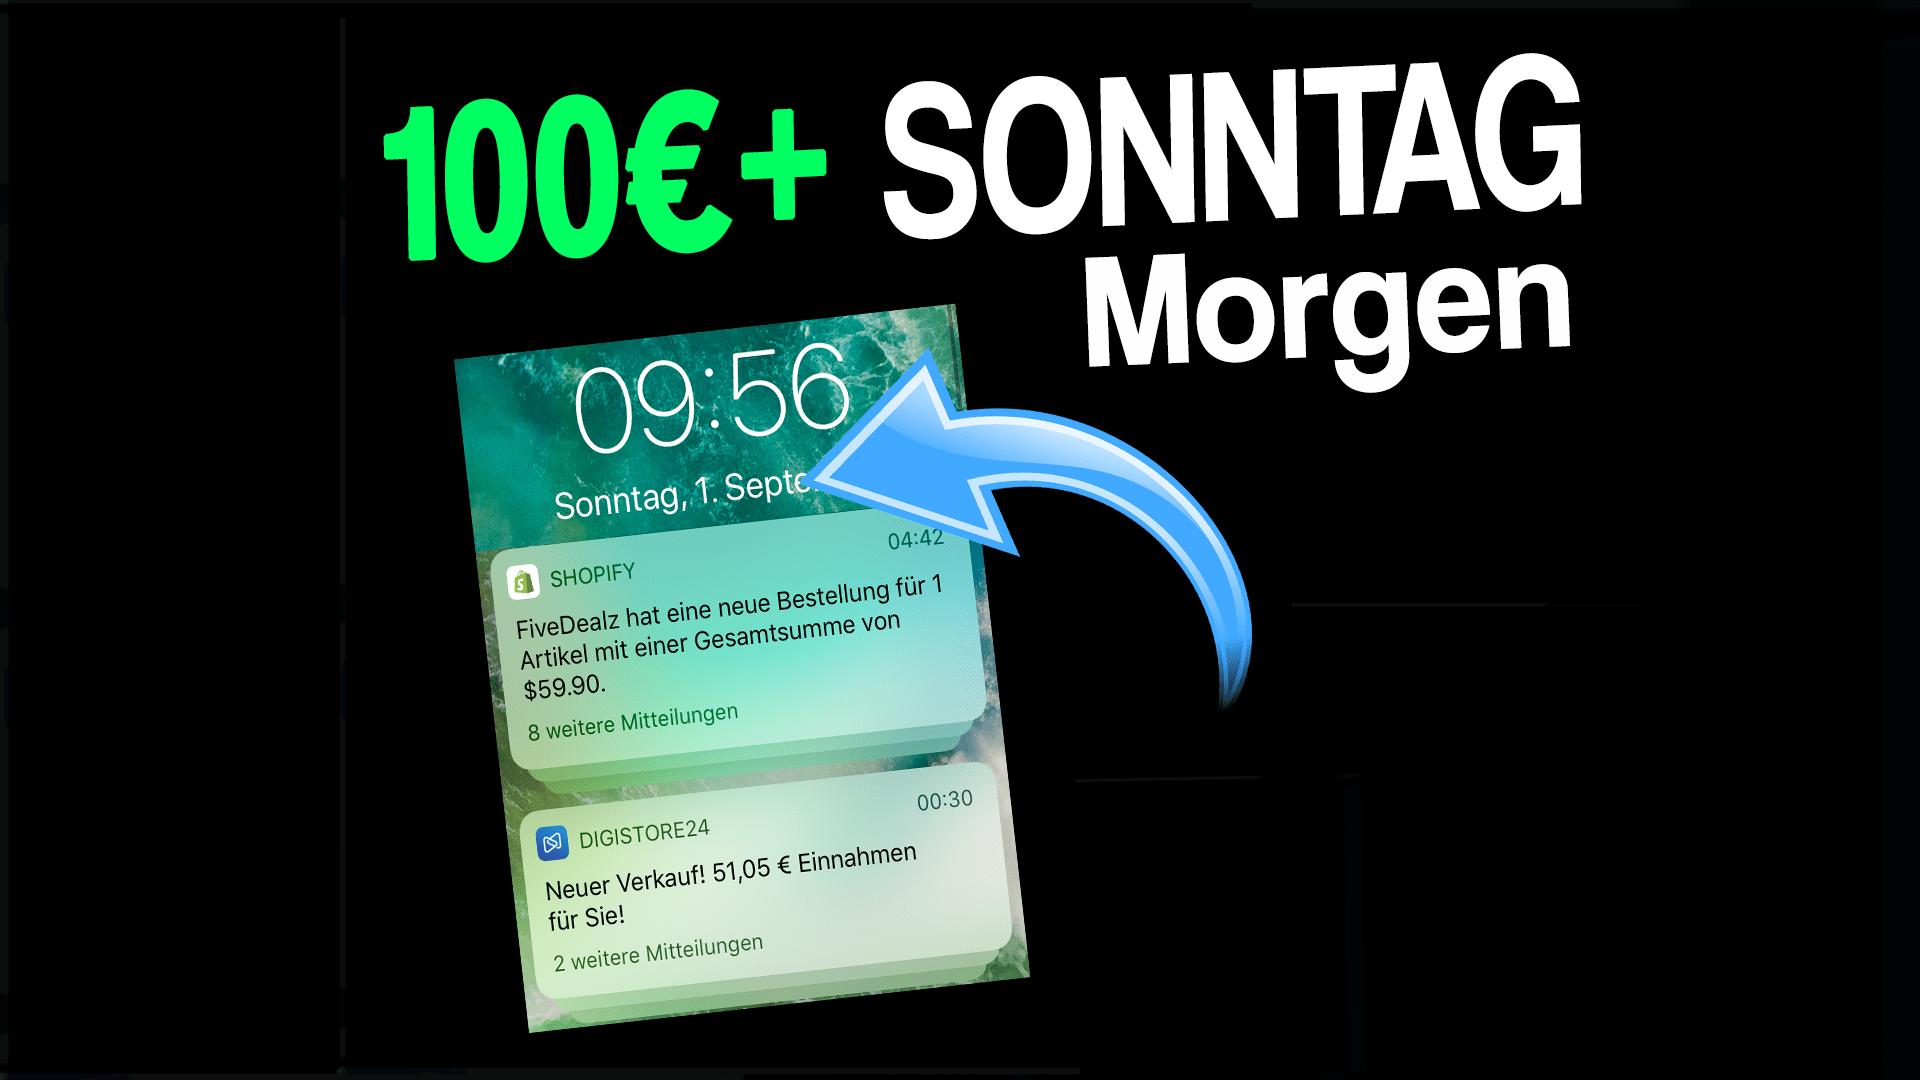 110,95€ am Sonntagmorgen!